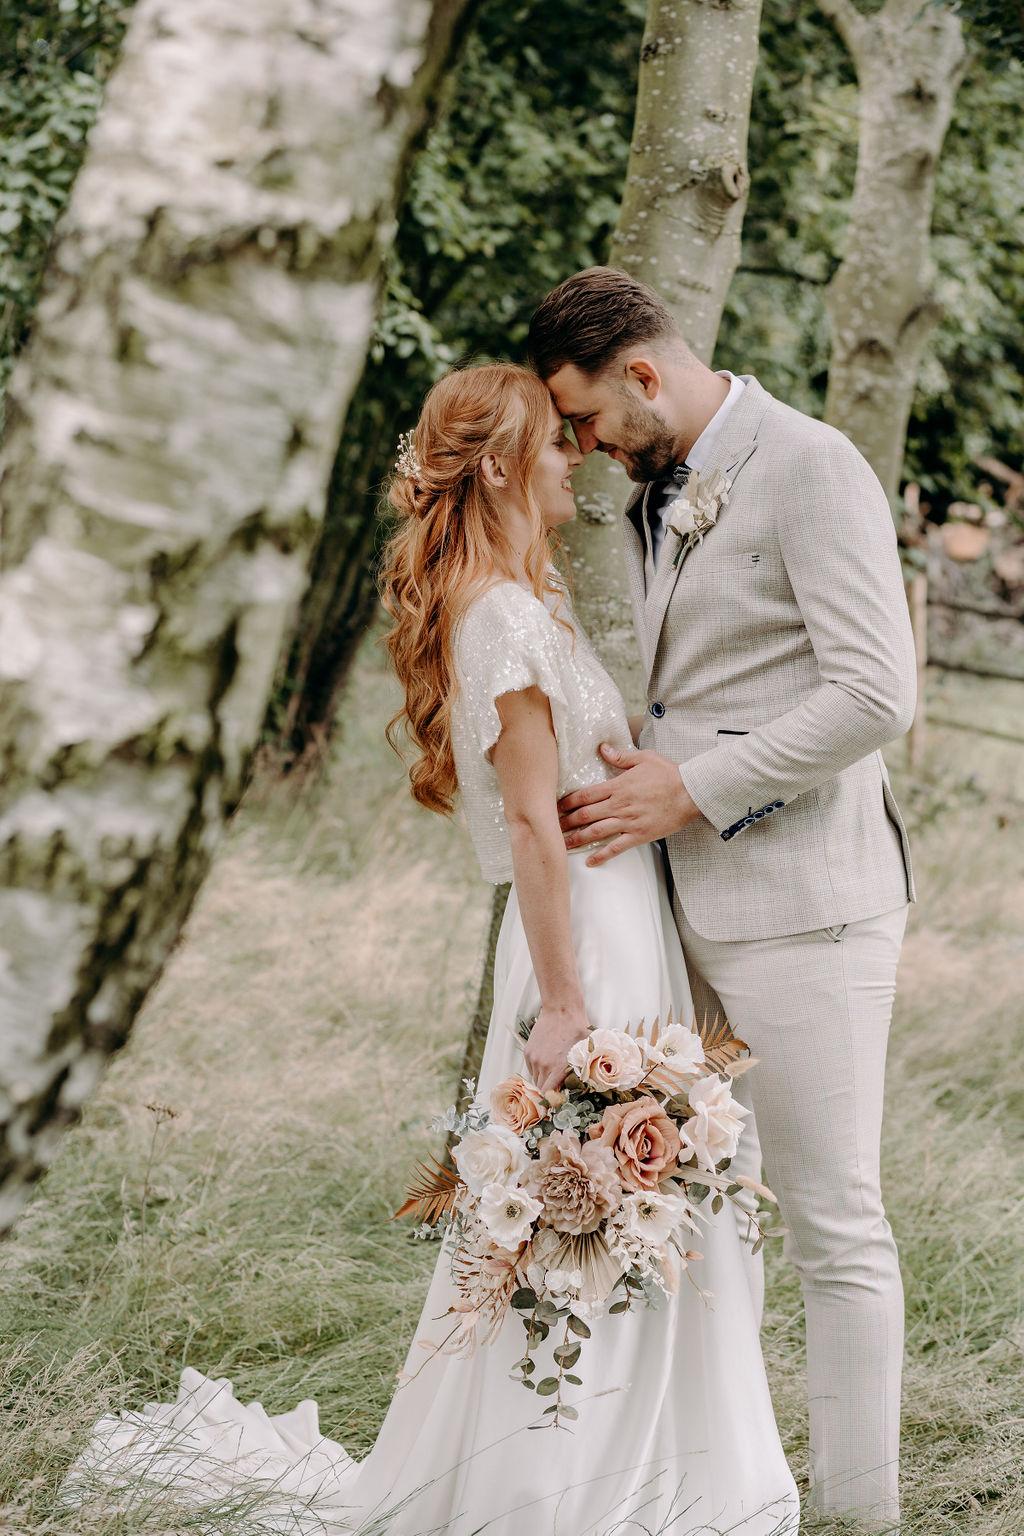 sustainable boho wedding - bohemian wedding photos - boho micro wedding - rustic wedding -romantic wedding photos